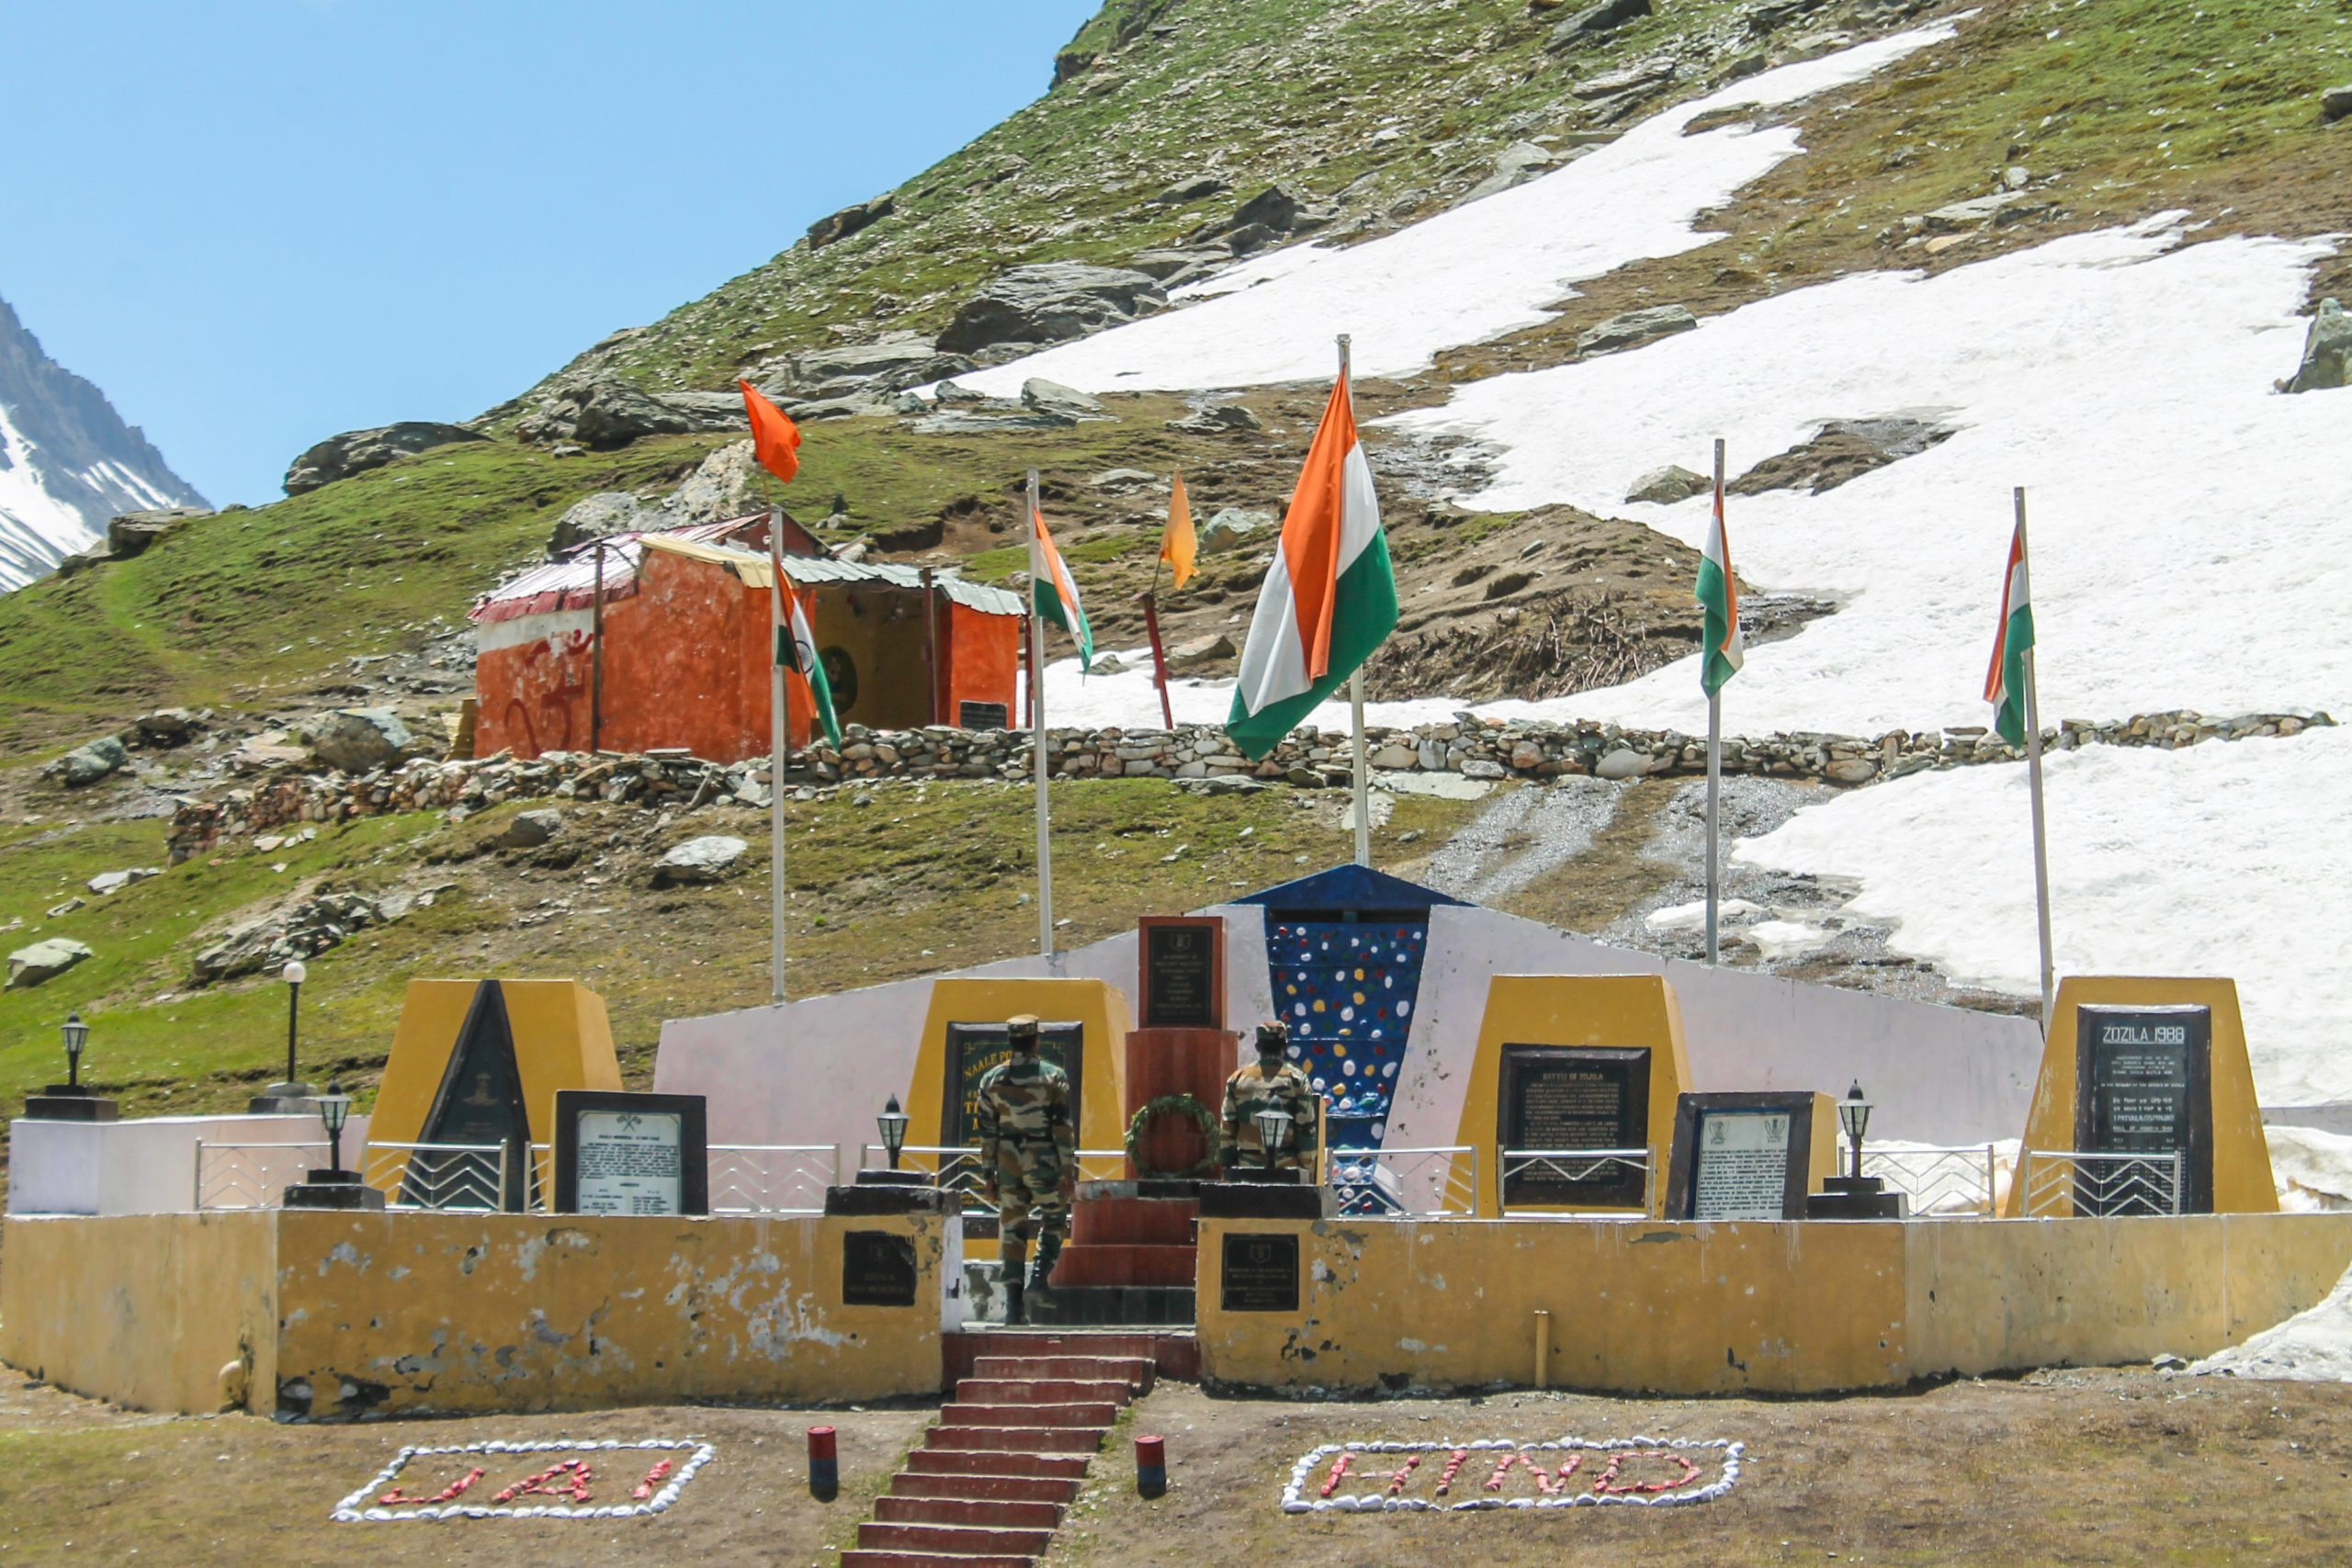 Kargil war memorial in Himalaya